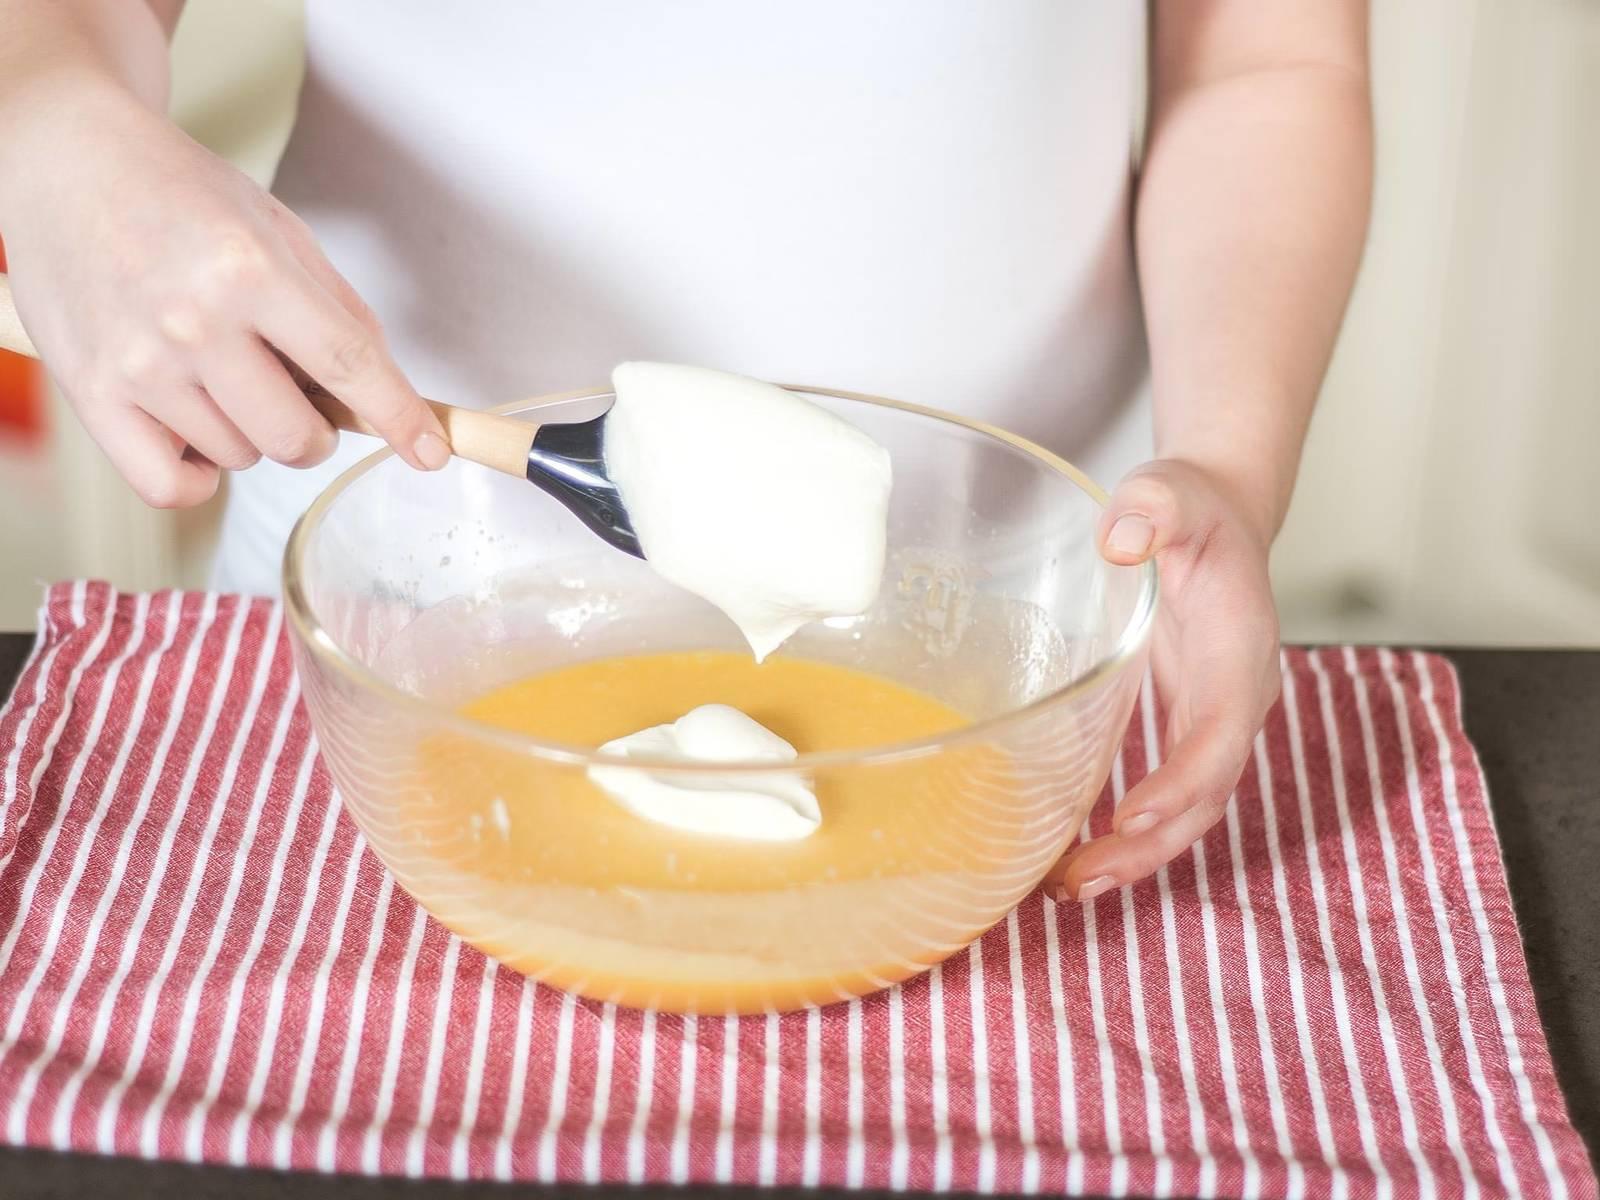 Anschließend die Schlagsahne vorsichtig unter die kalte Schokoladenmasse heben. Dabei nicht zu kräftig rühren, da die Mousse sonst nicht luftig bleibt.